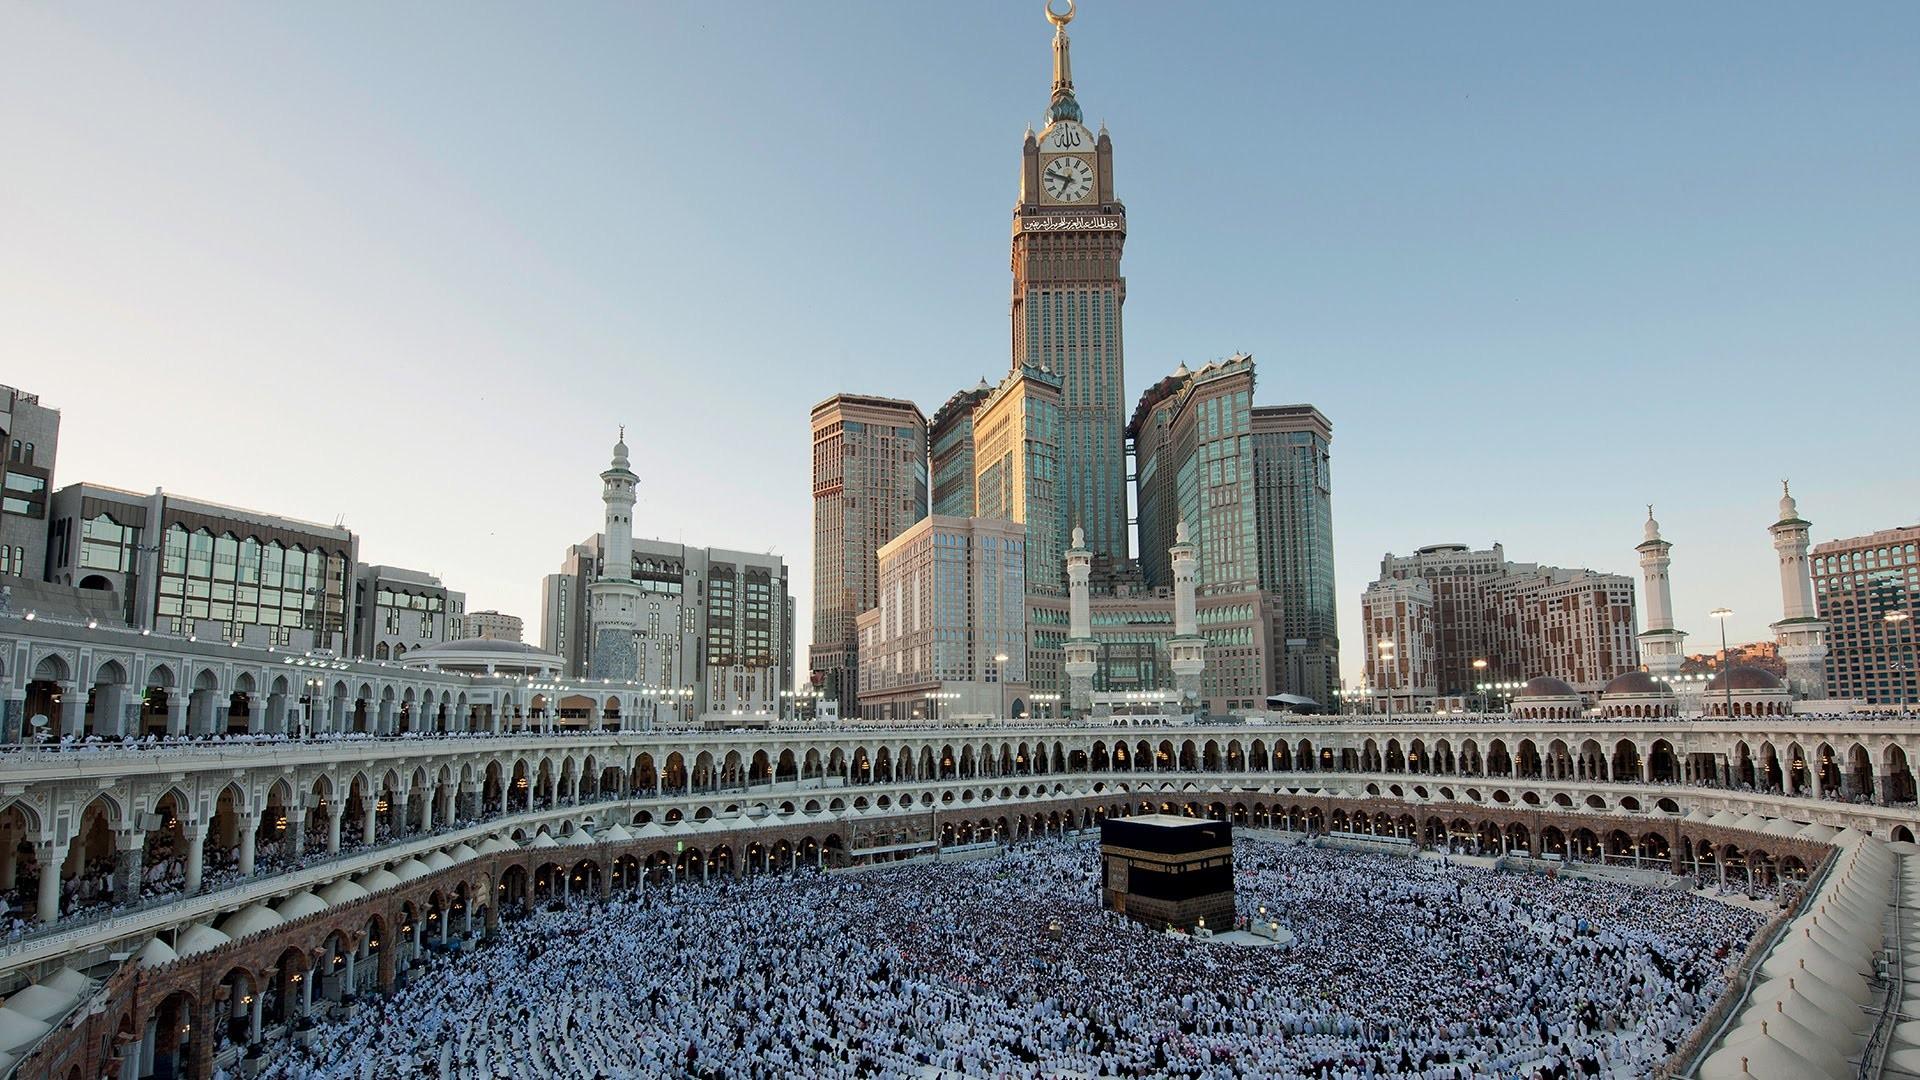 Res: 1920x1080, Makkah & Medina 2015 Umrah [HD]